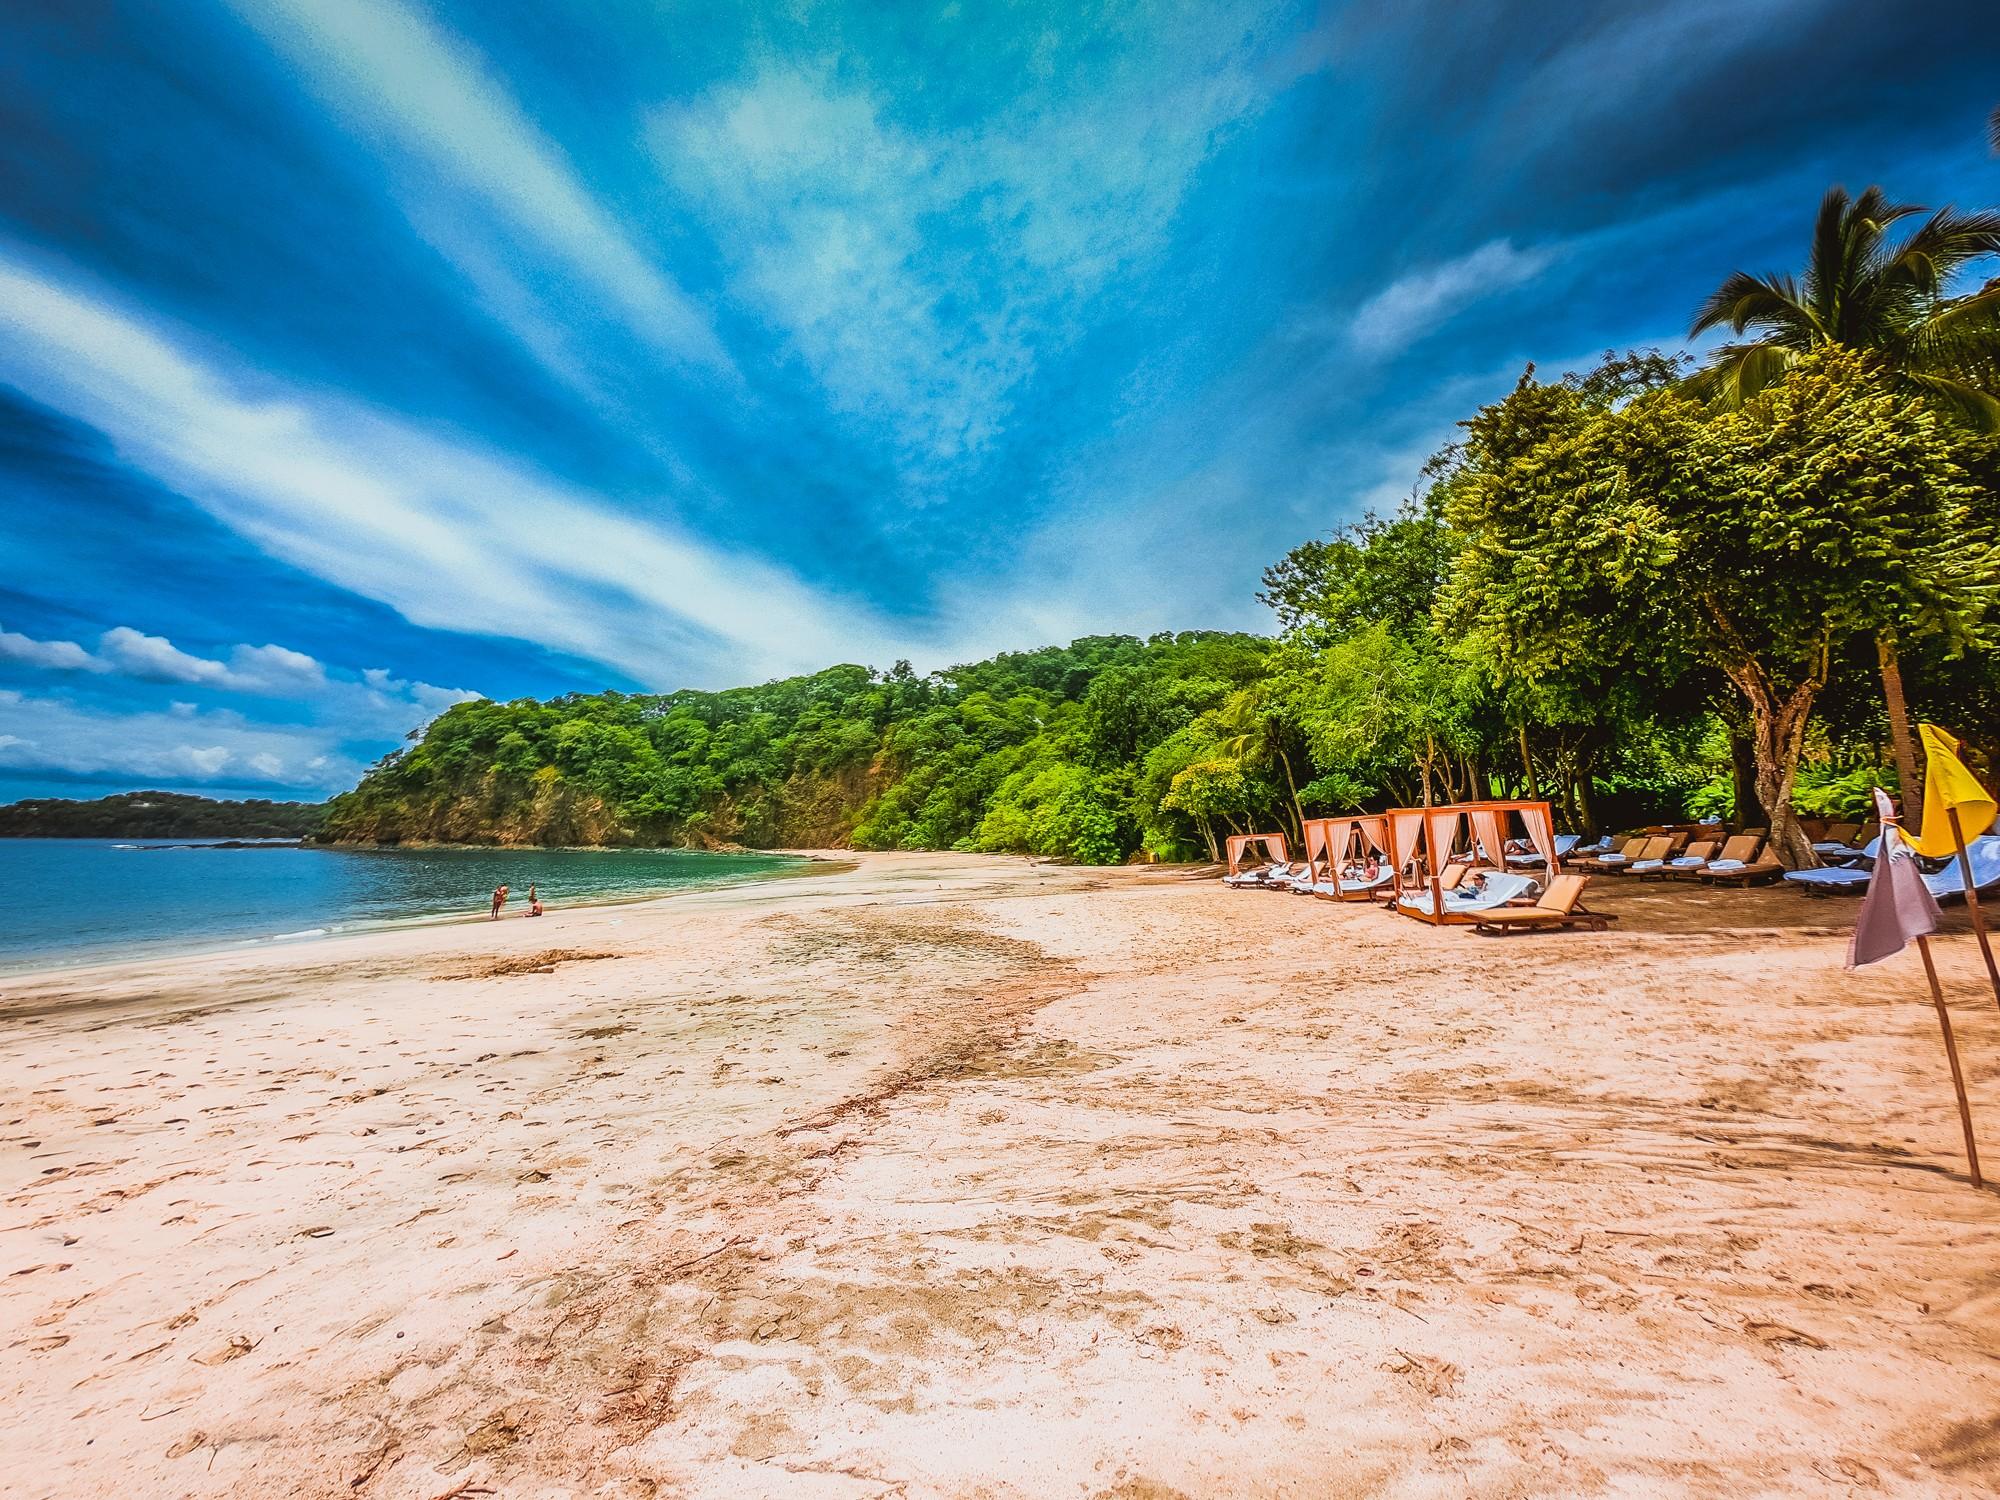 Four Seasons Costa Rica kayak tour